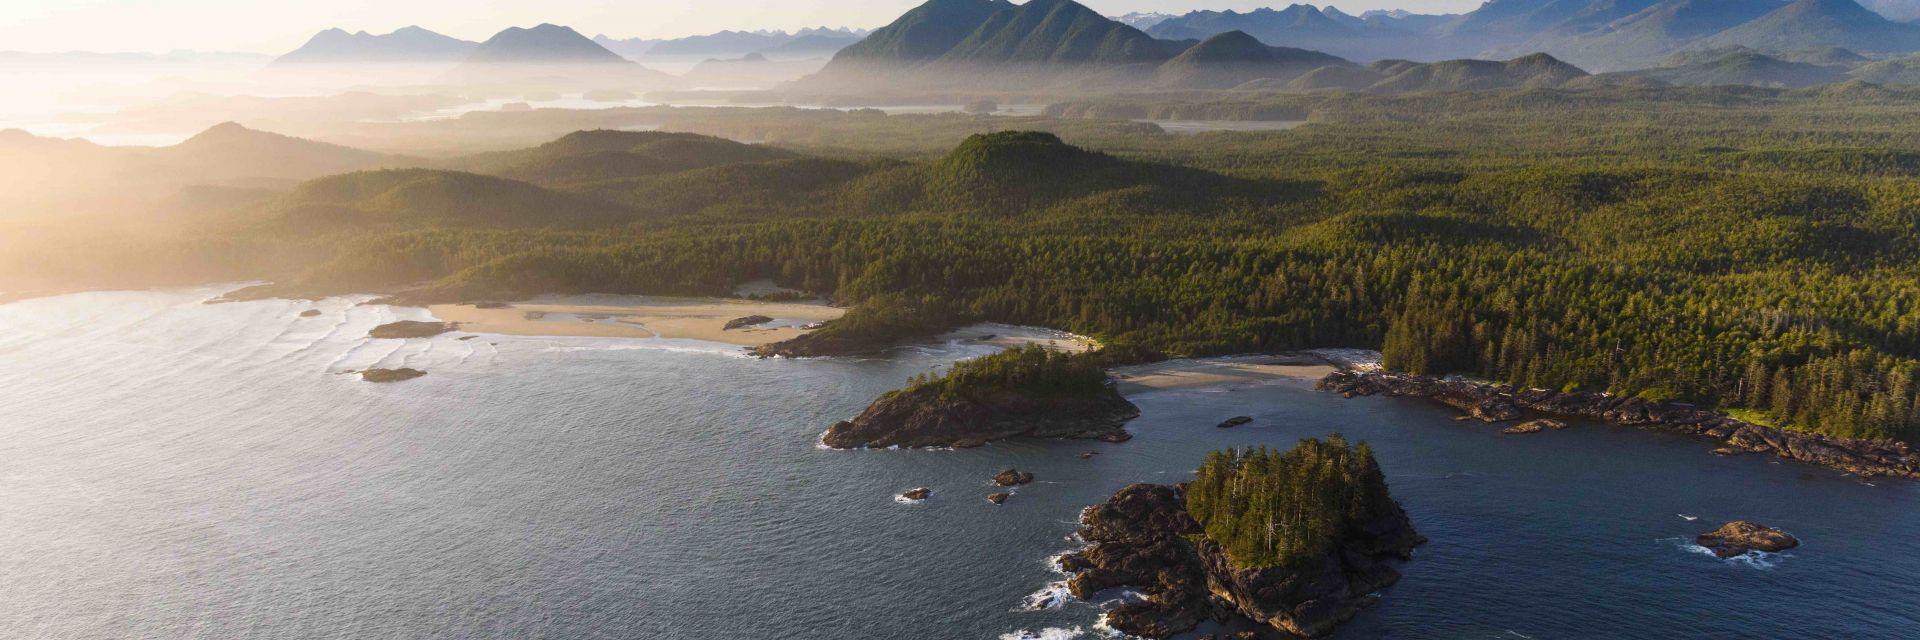 Pacific Rim National Park in British Columbia